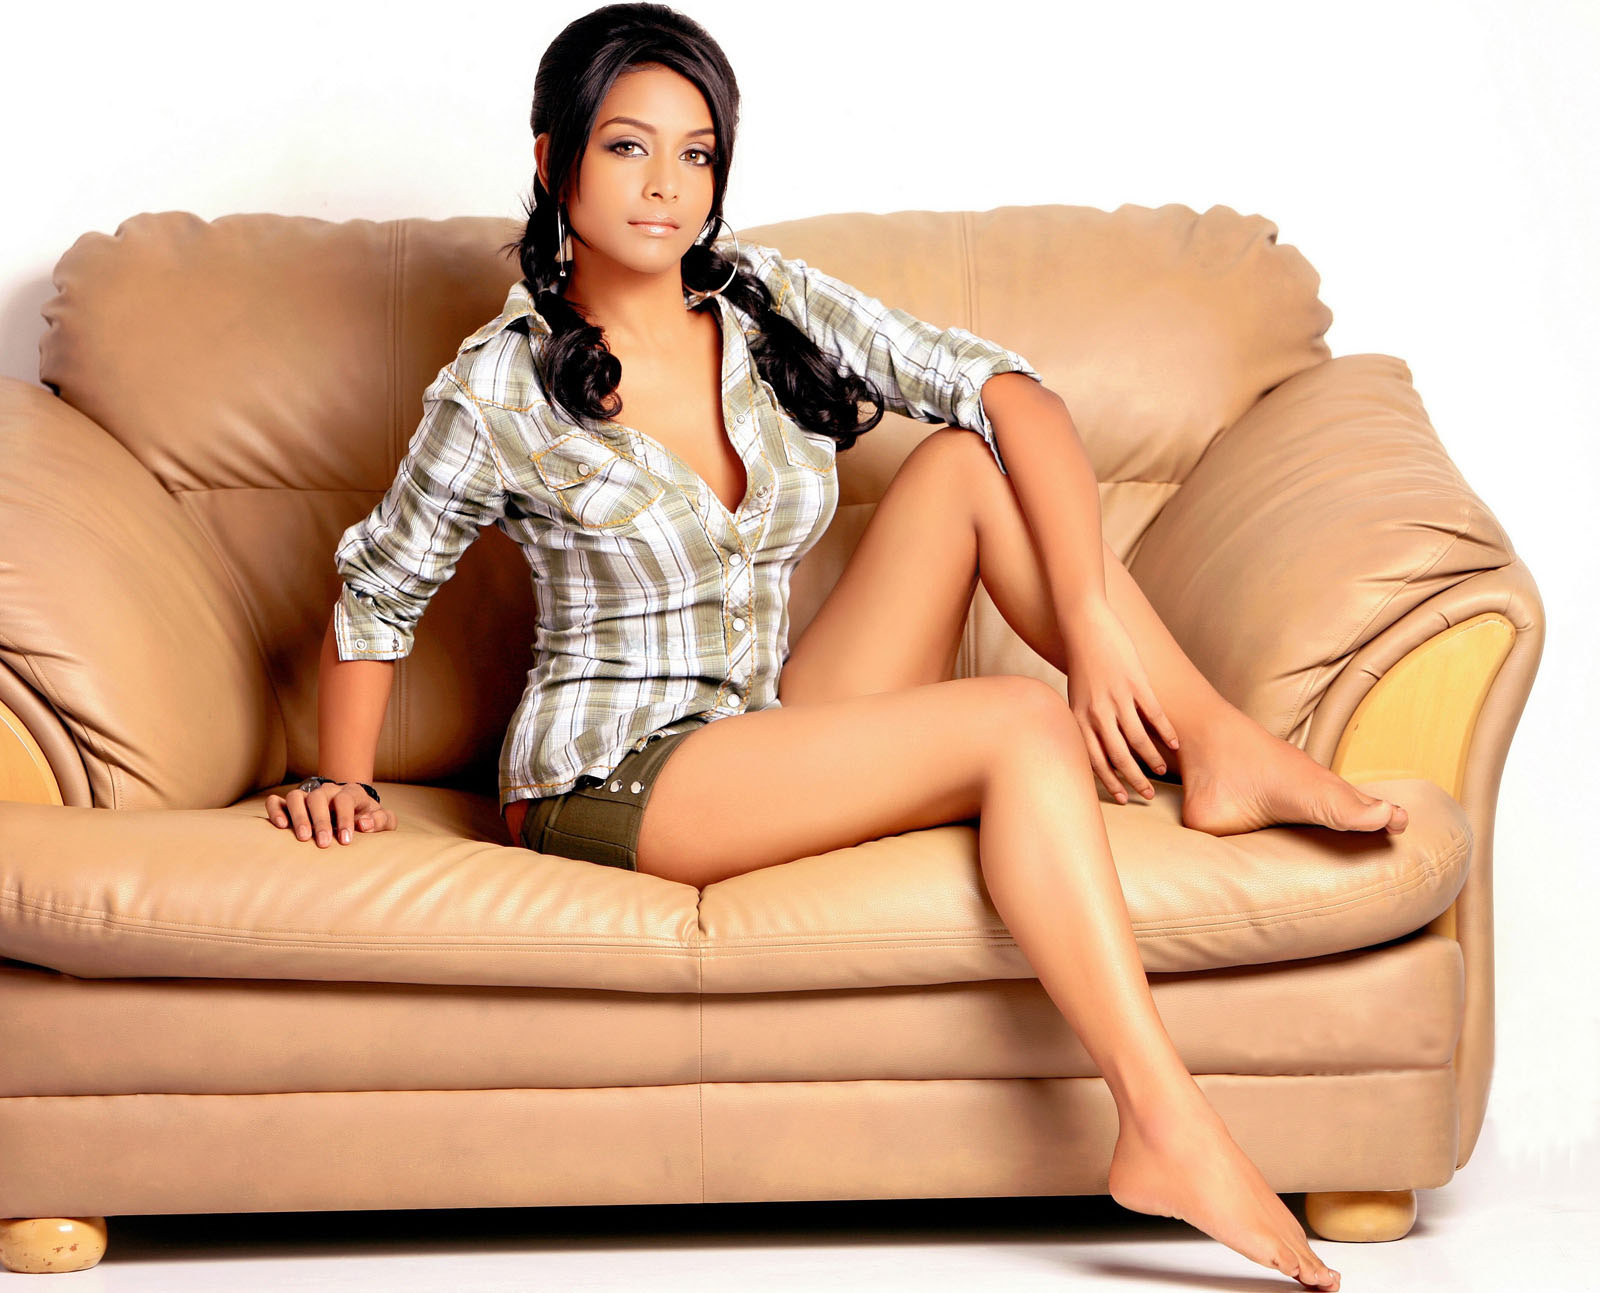 http://2.bp.blogspot.com/_cZuaghvCasw/TF7apdNMayI/AAAAAAAAJ3E/TvJ639EJLN8/s1600/Rachana-Parulkar-Wallpapers.jpg